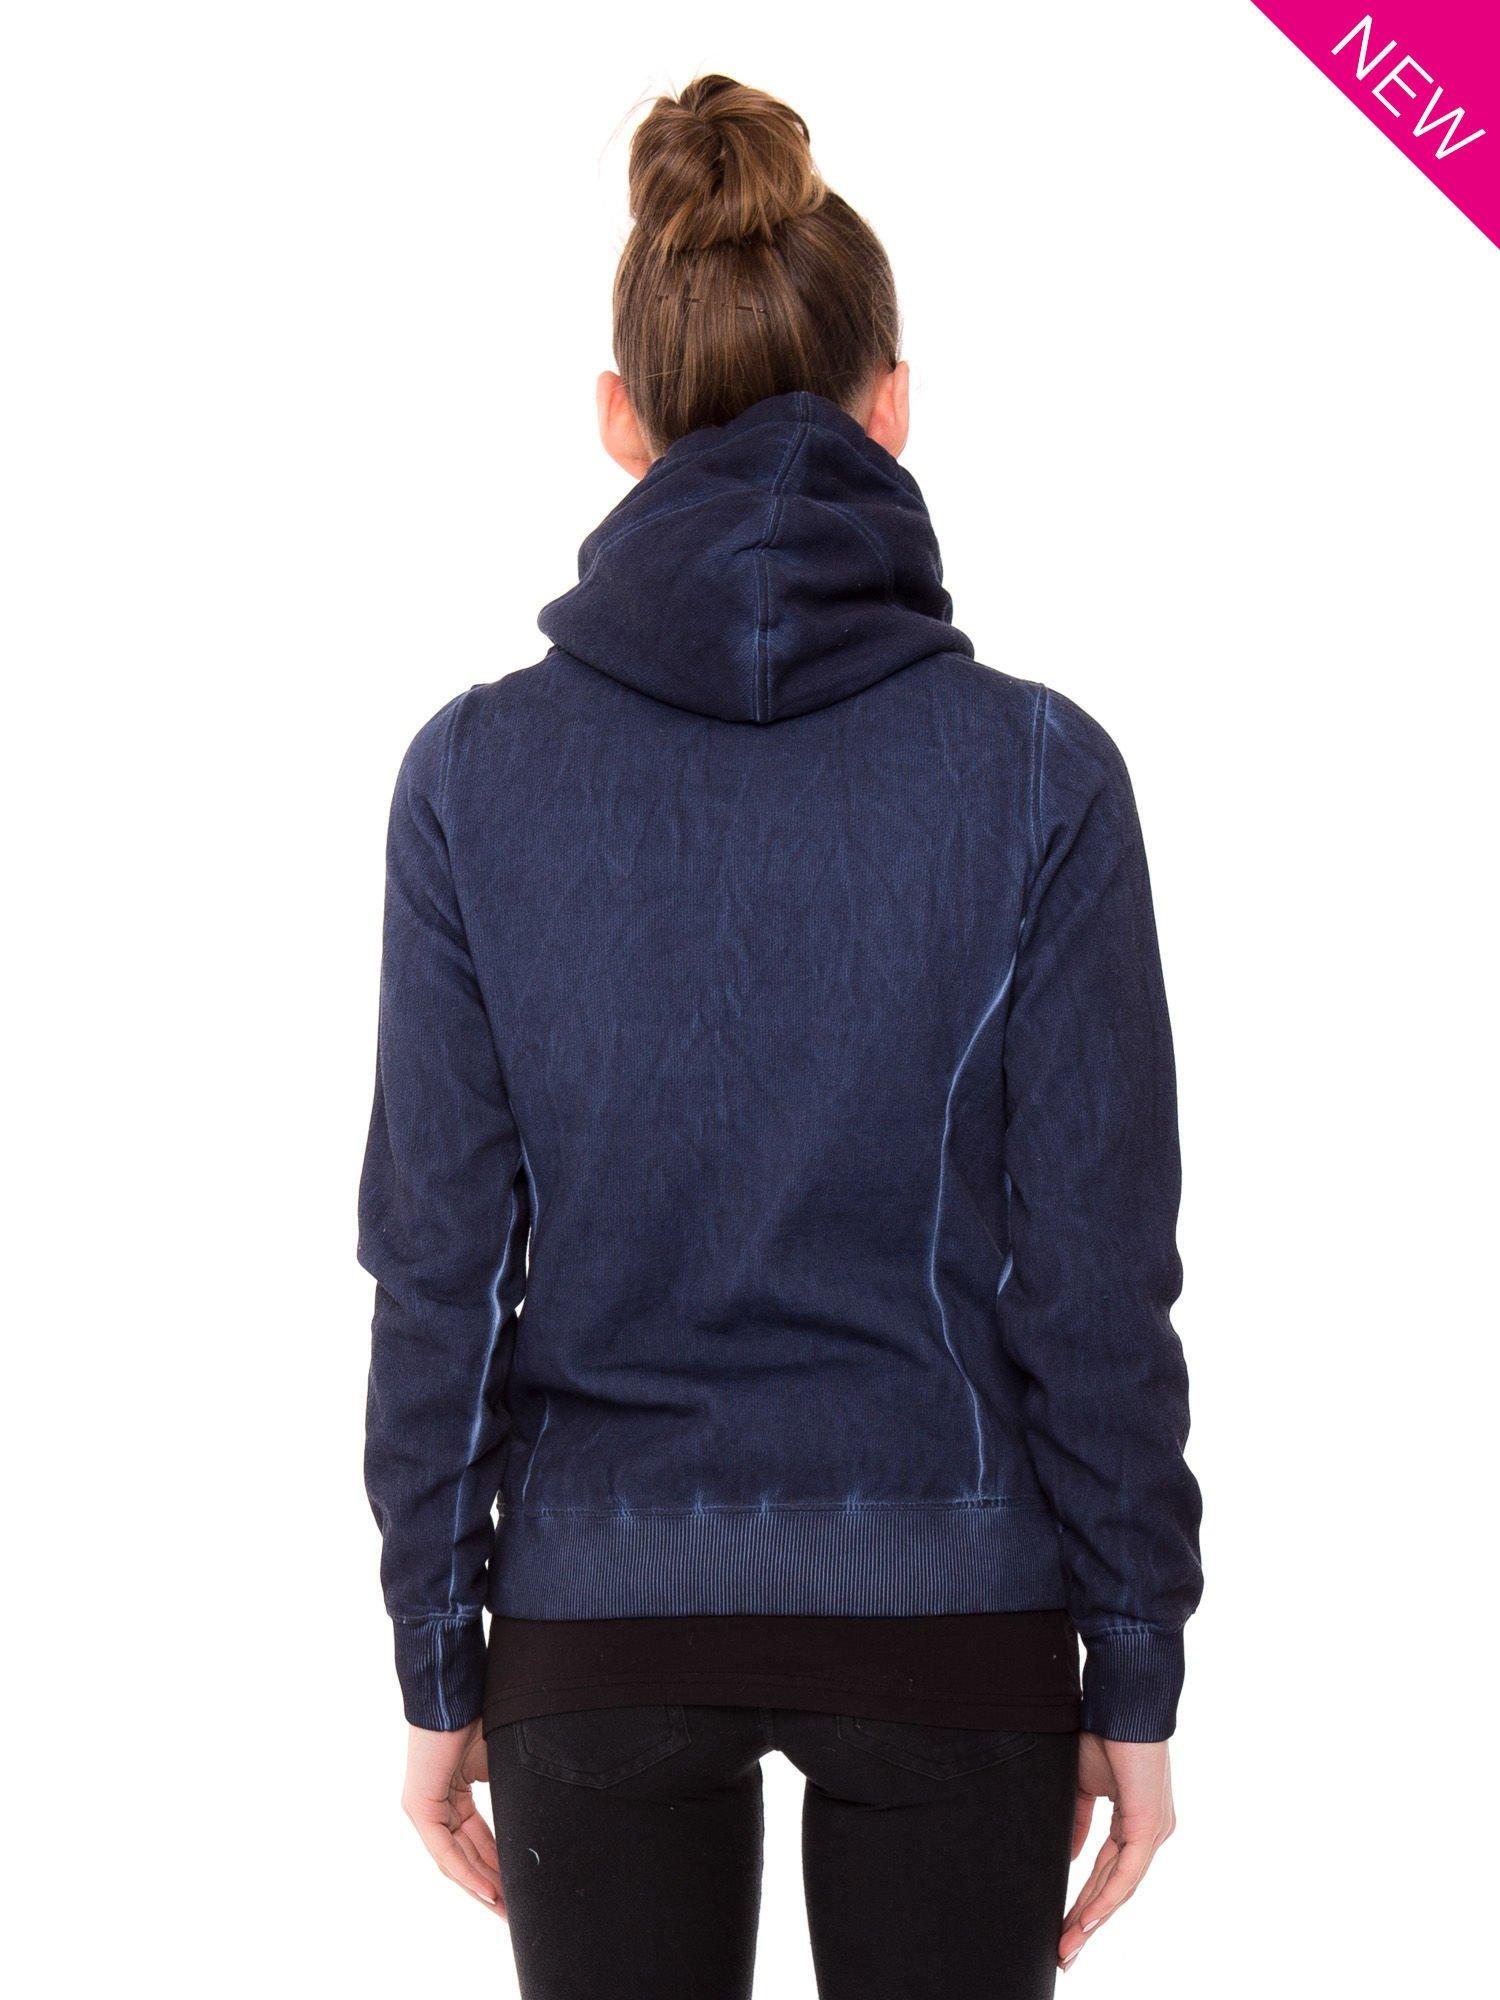 Ciemnoniebieska bluza z kapturem z efektem sprania                                  zdj.                                  2